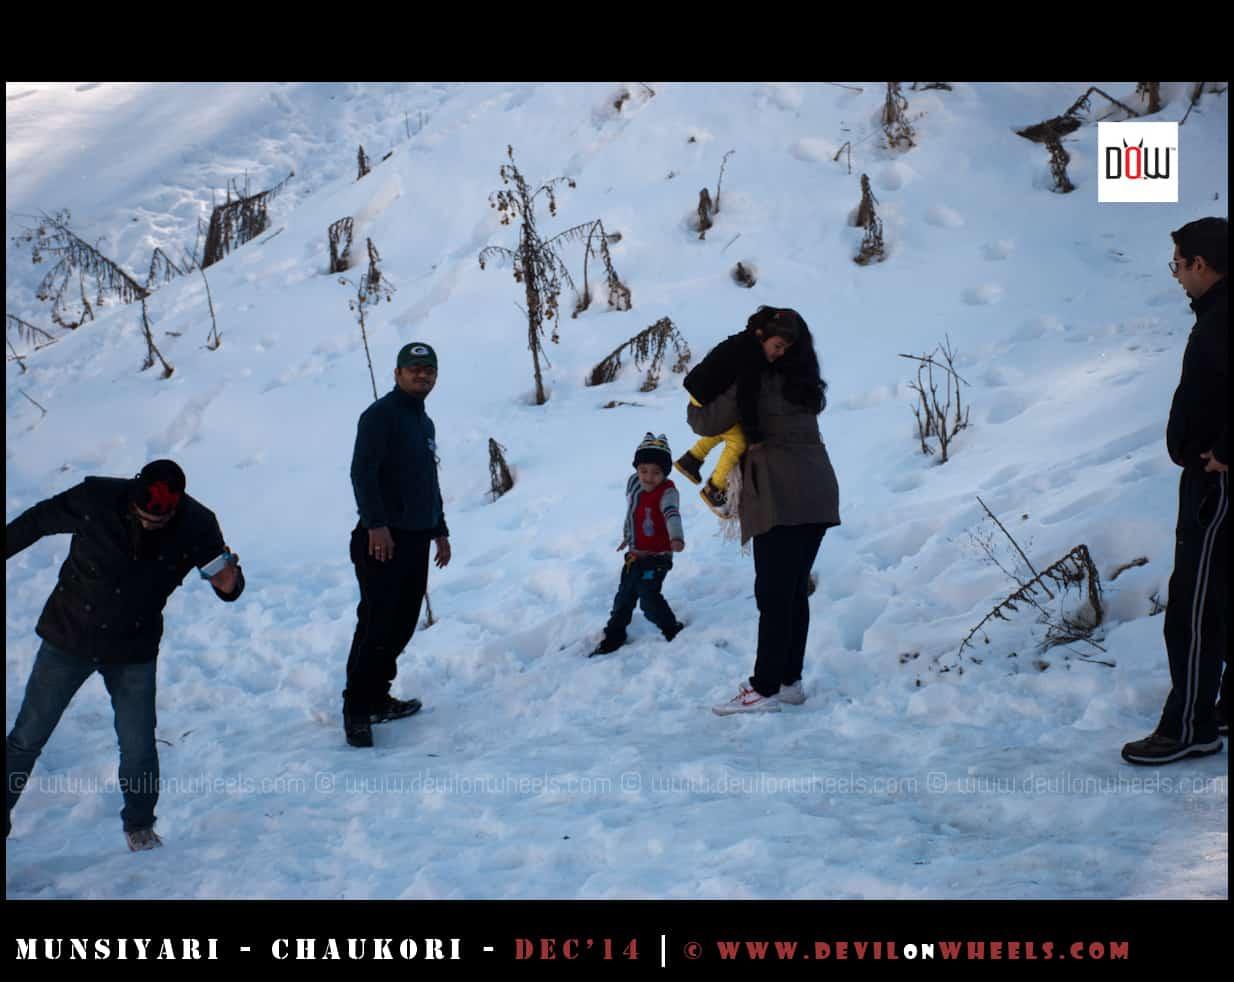 Playing in Snow at Munsiyari